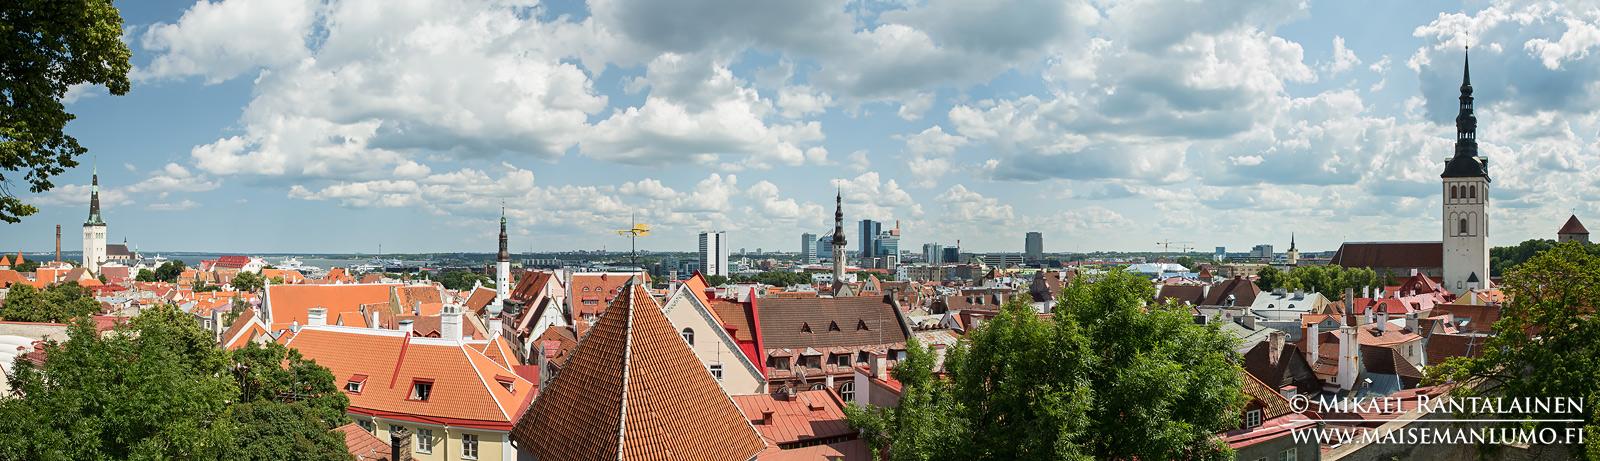 Tallinna, Viro (PU115)